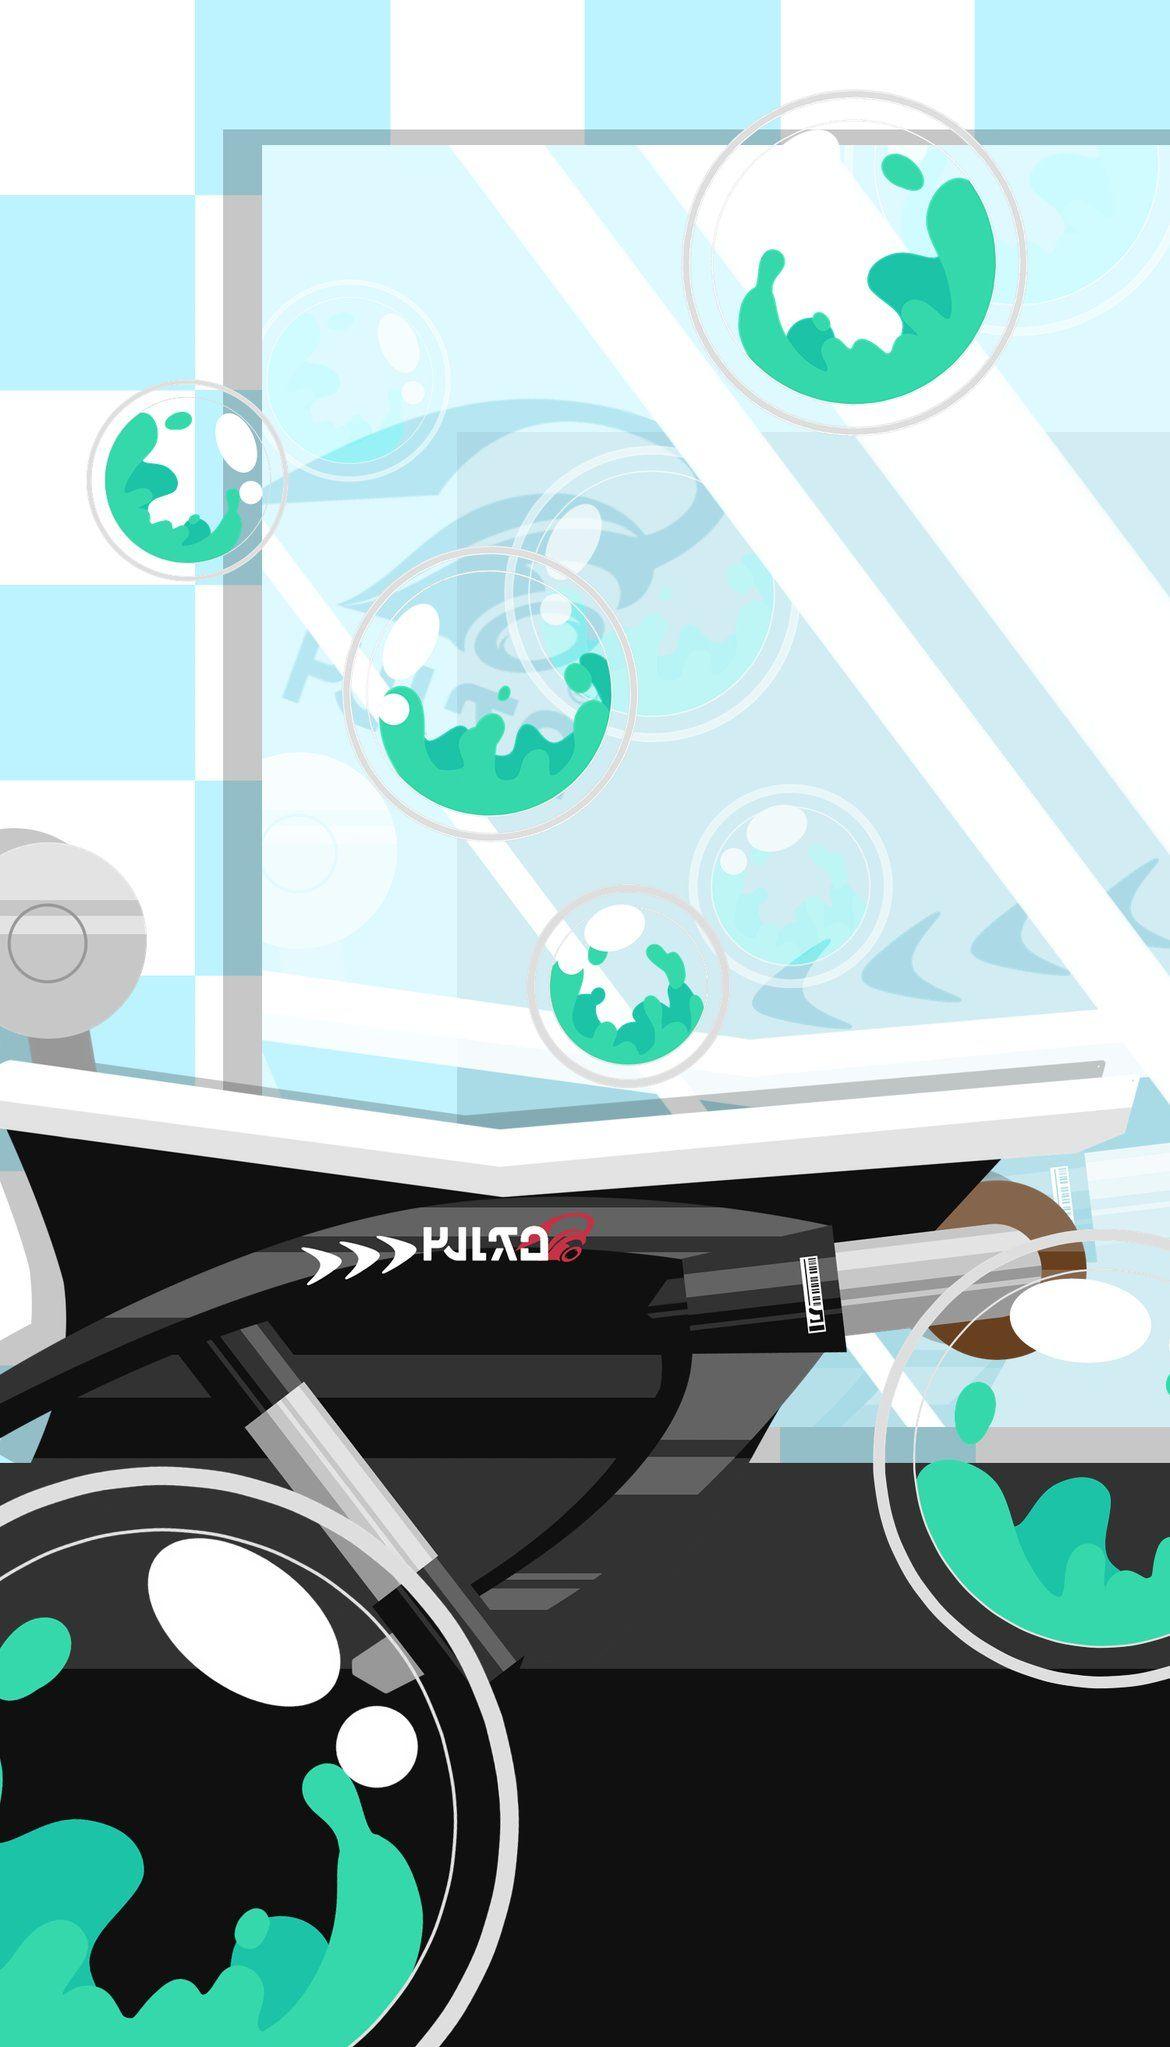 スプラ1 2 おしゃれまとめの人気アイデア Pinterest Mst スプラ